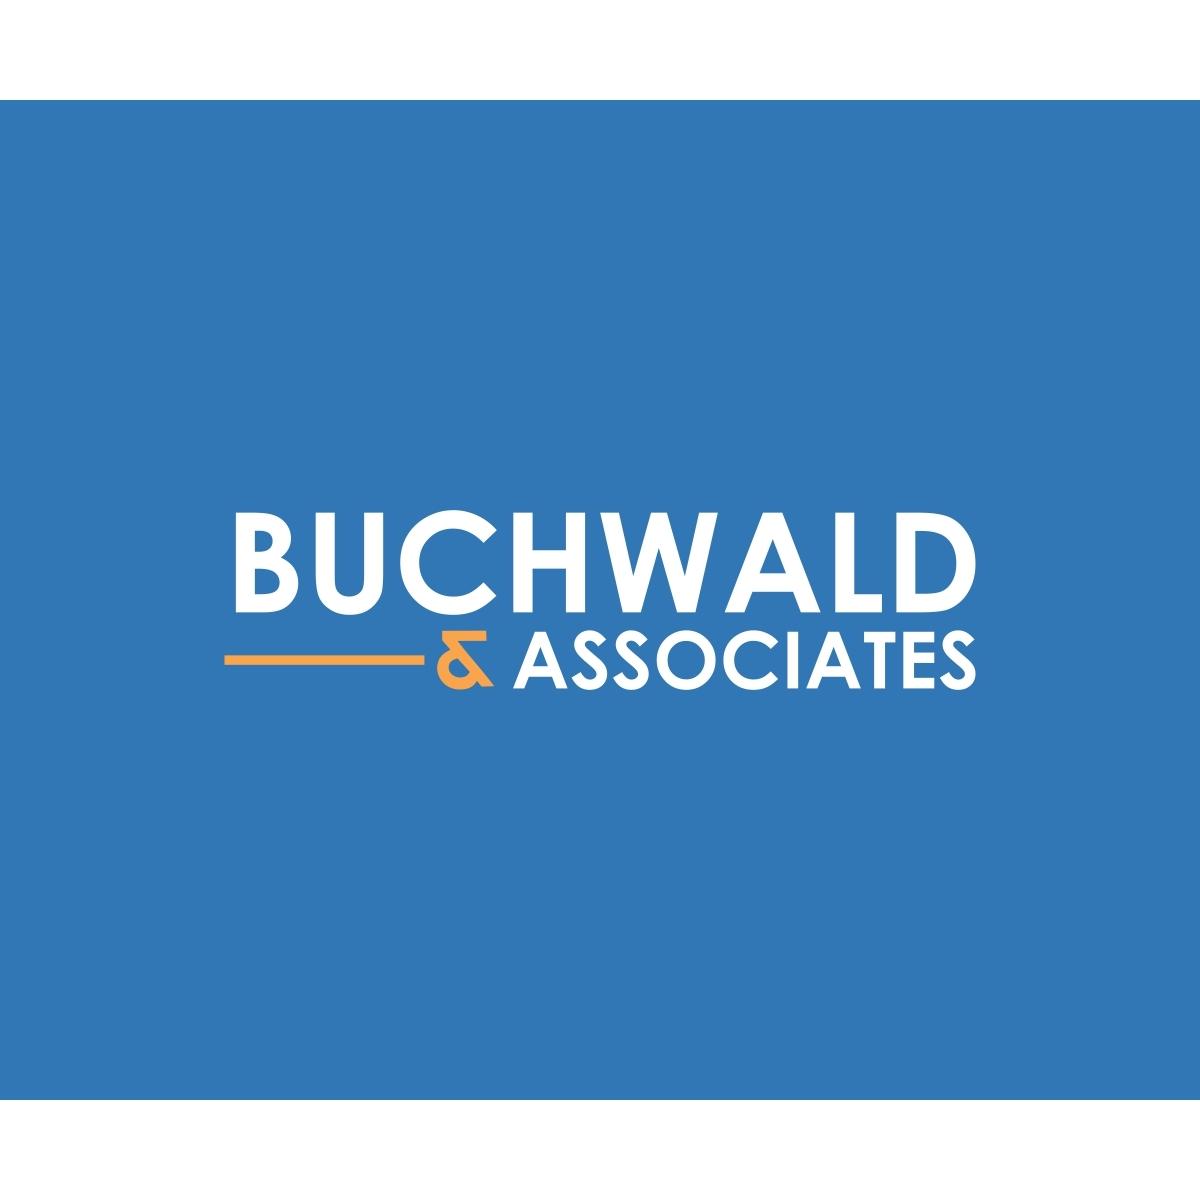 Buchwald & Associates